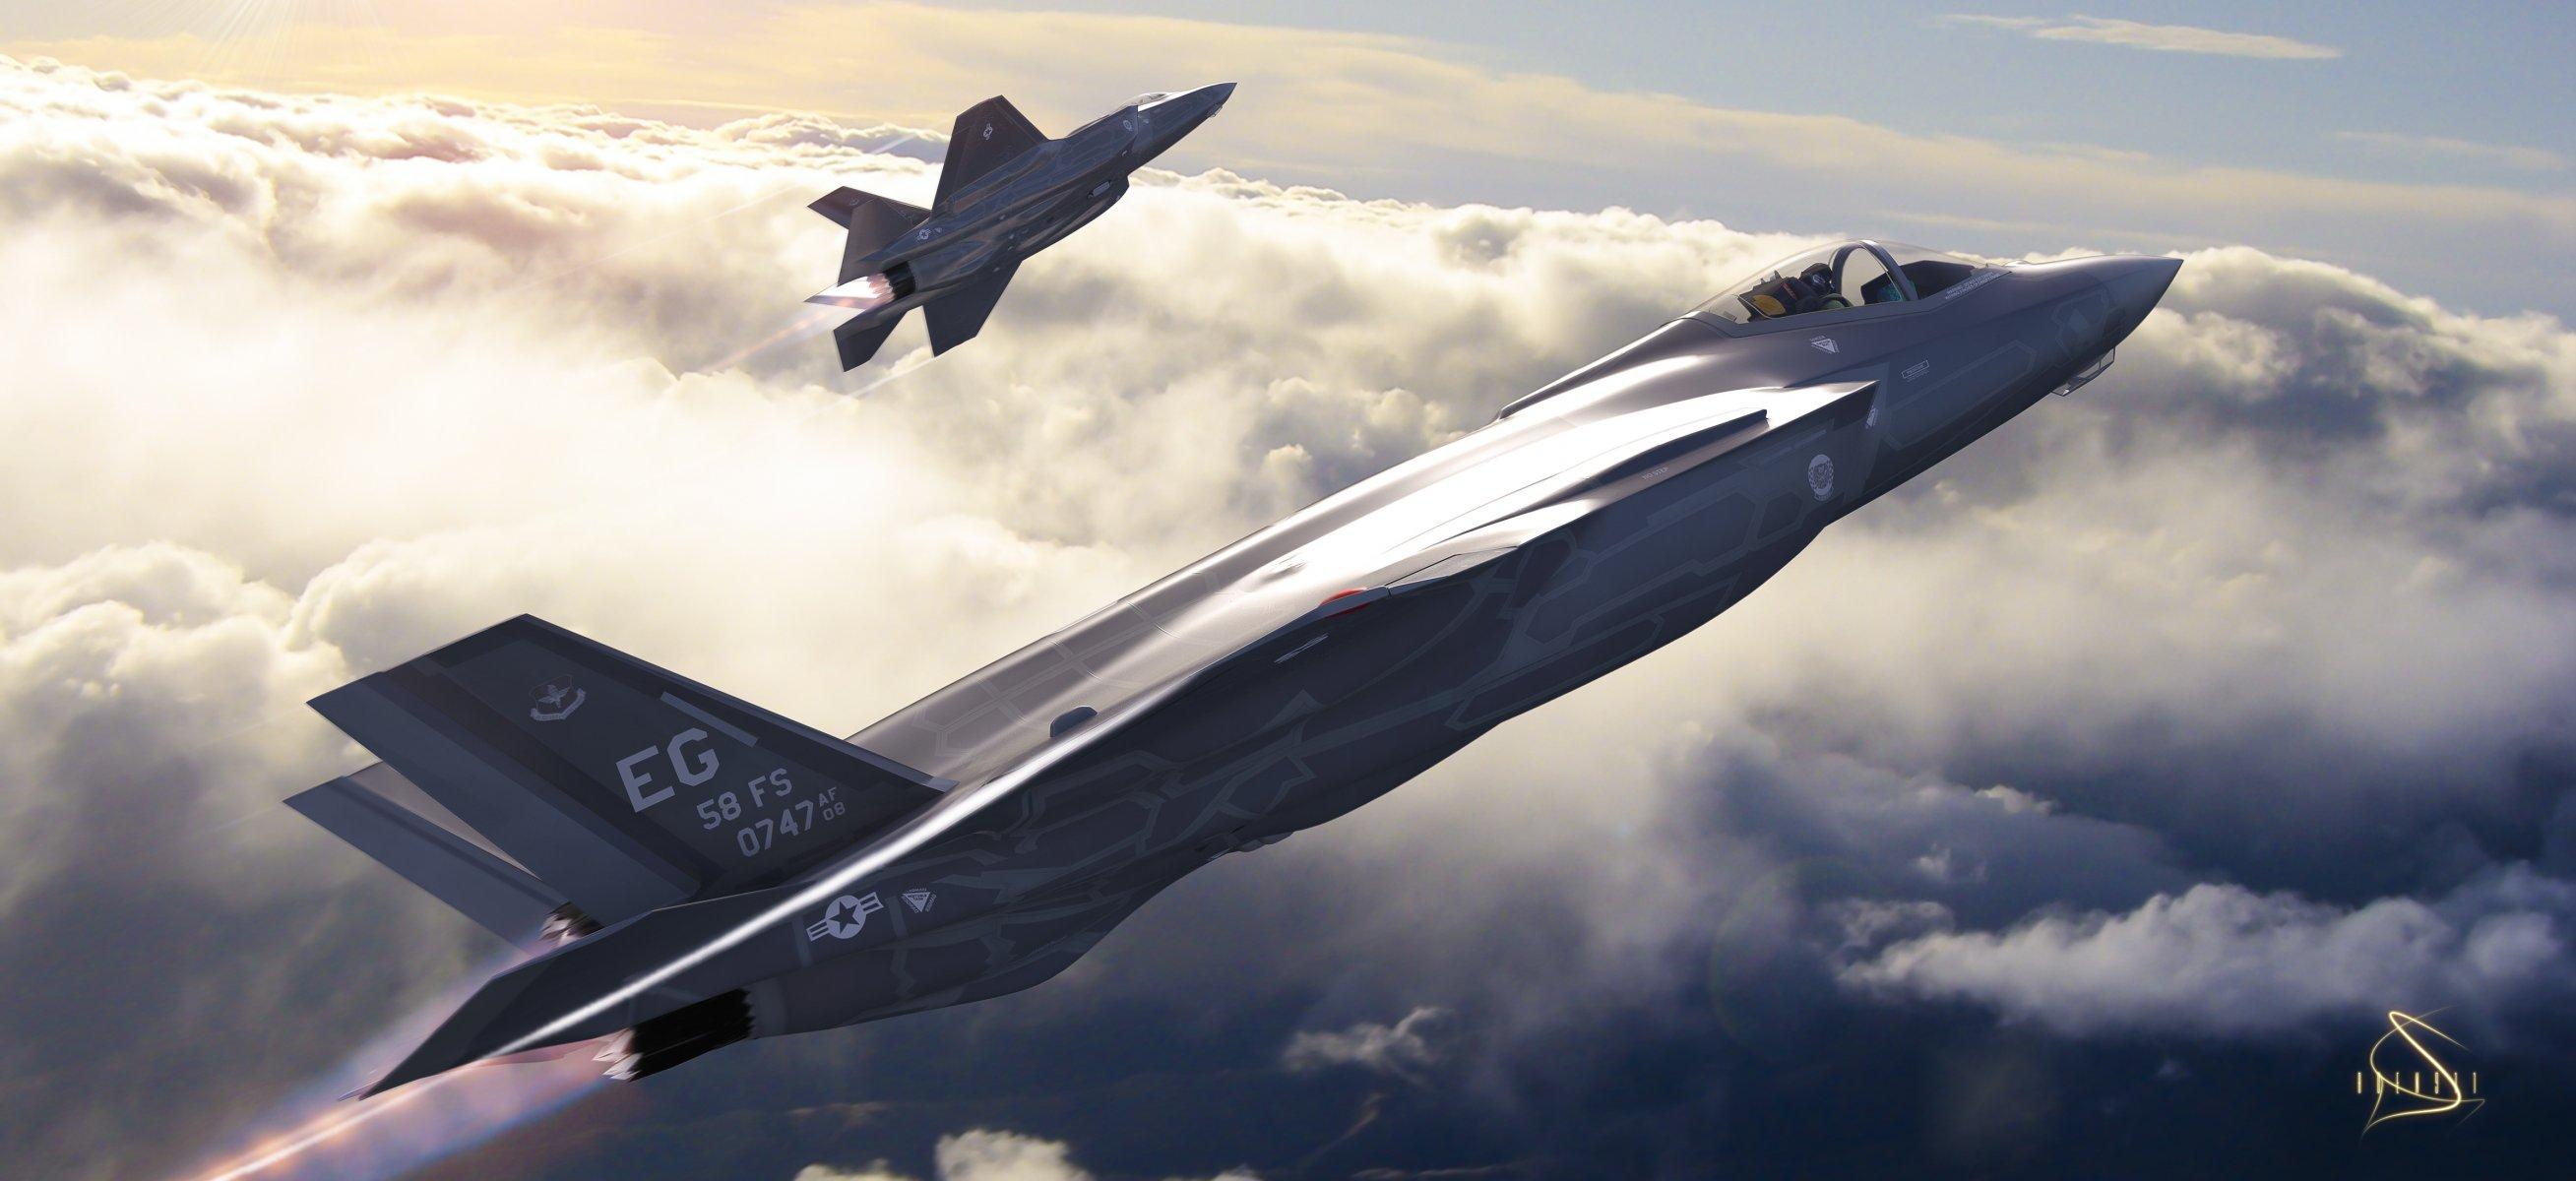 Обои истребитель, бомбардировщик, F-35, lightning ii. Авиация foto 6